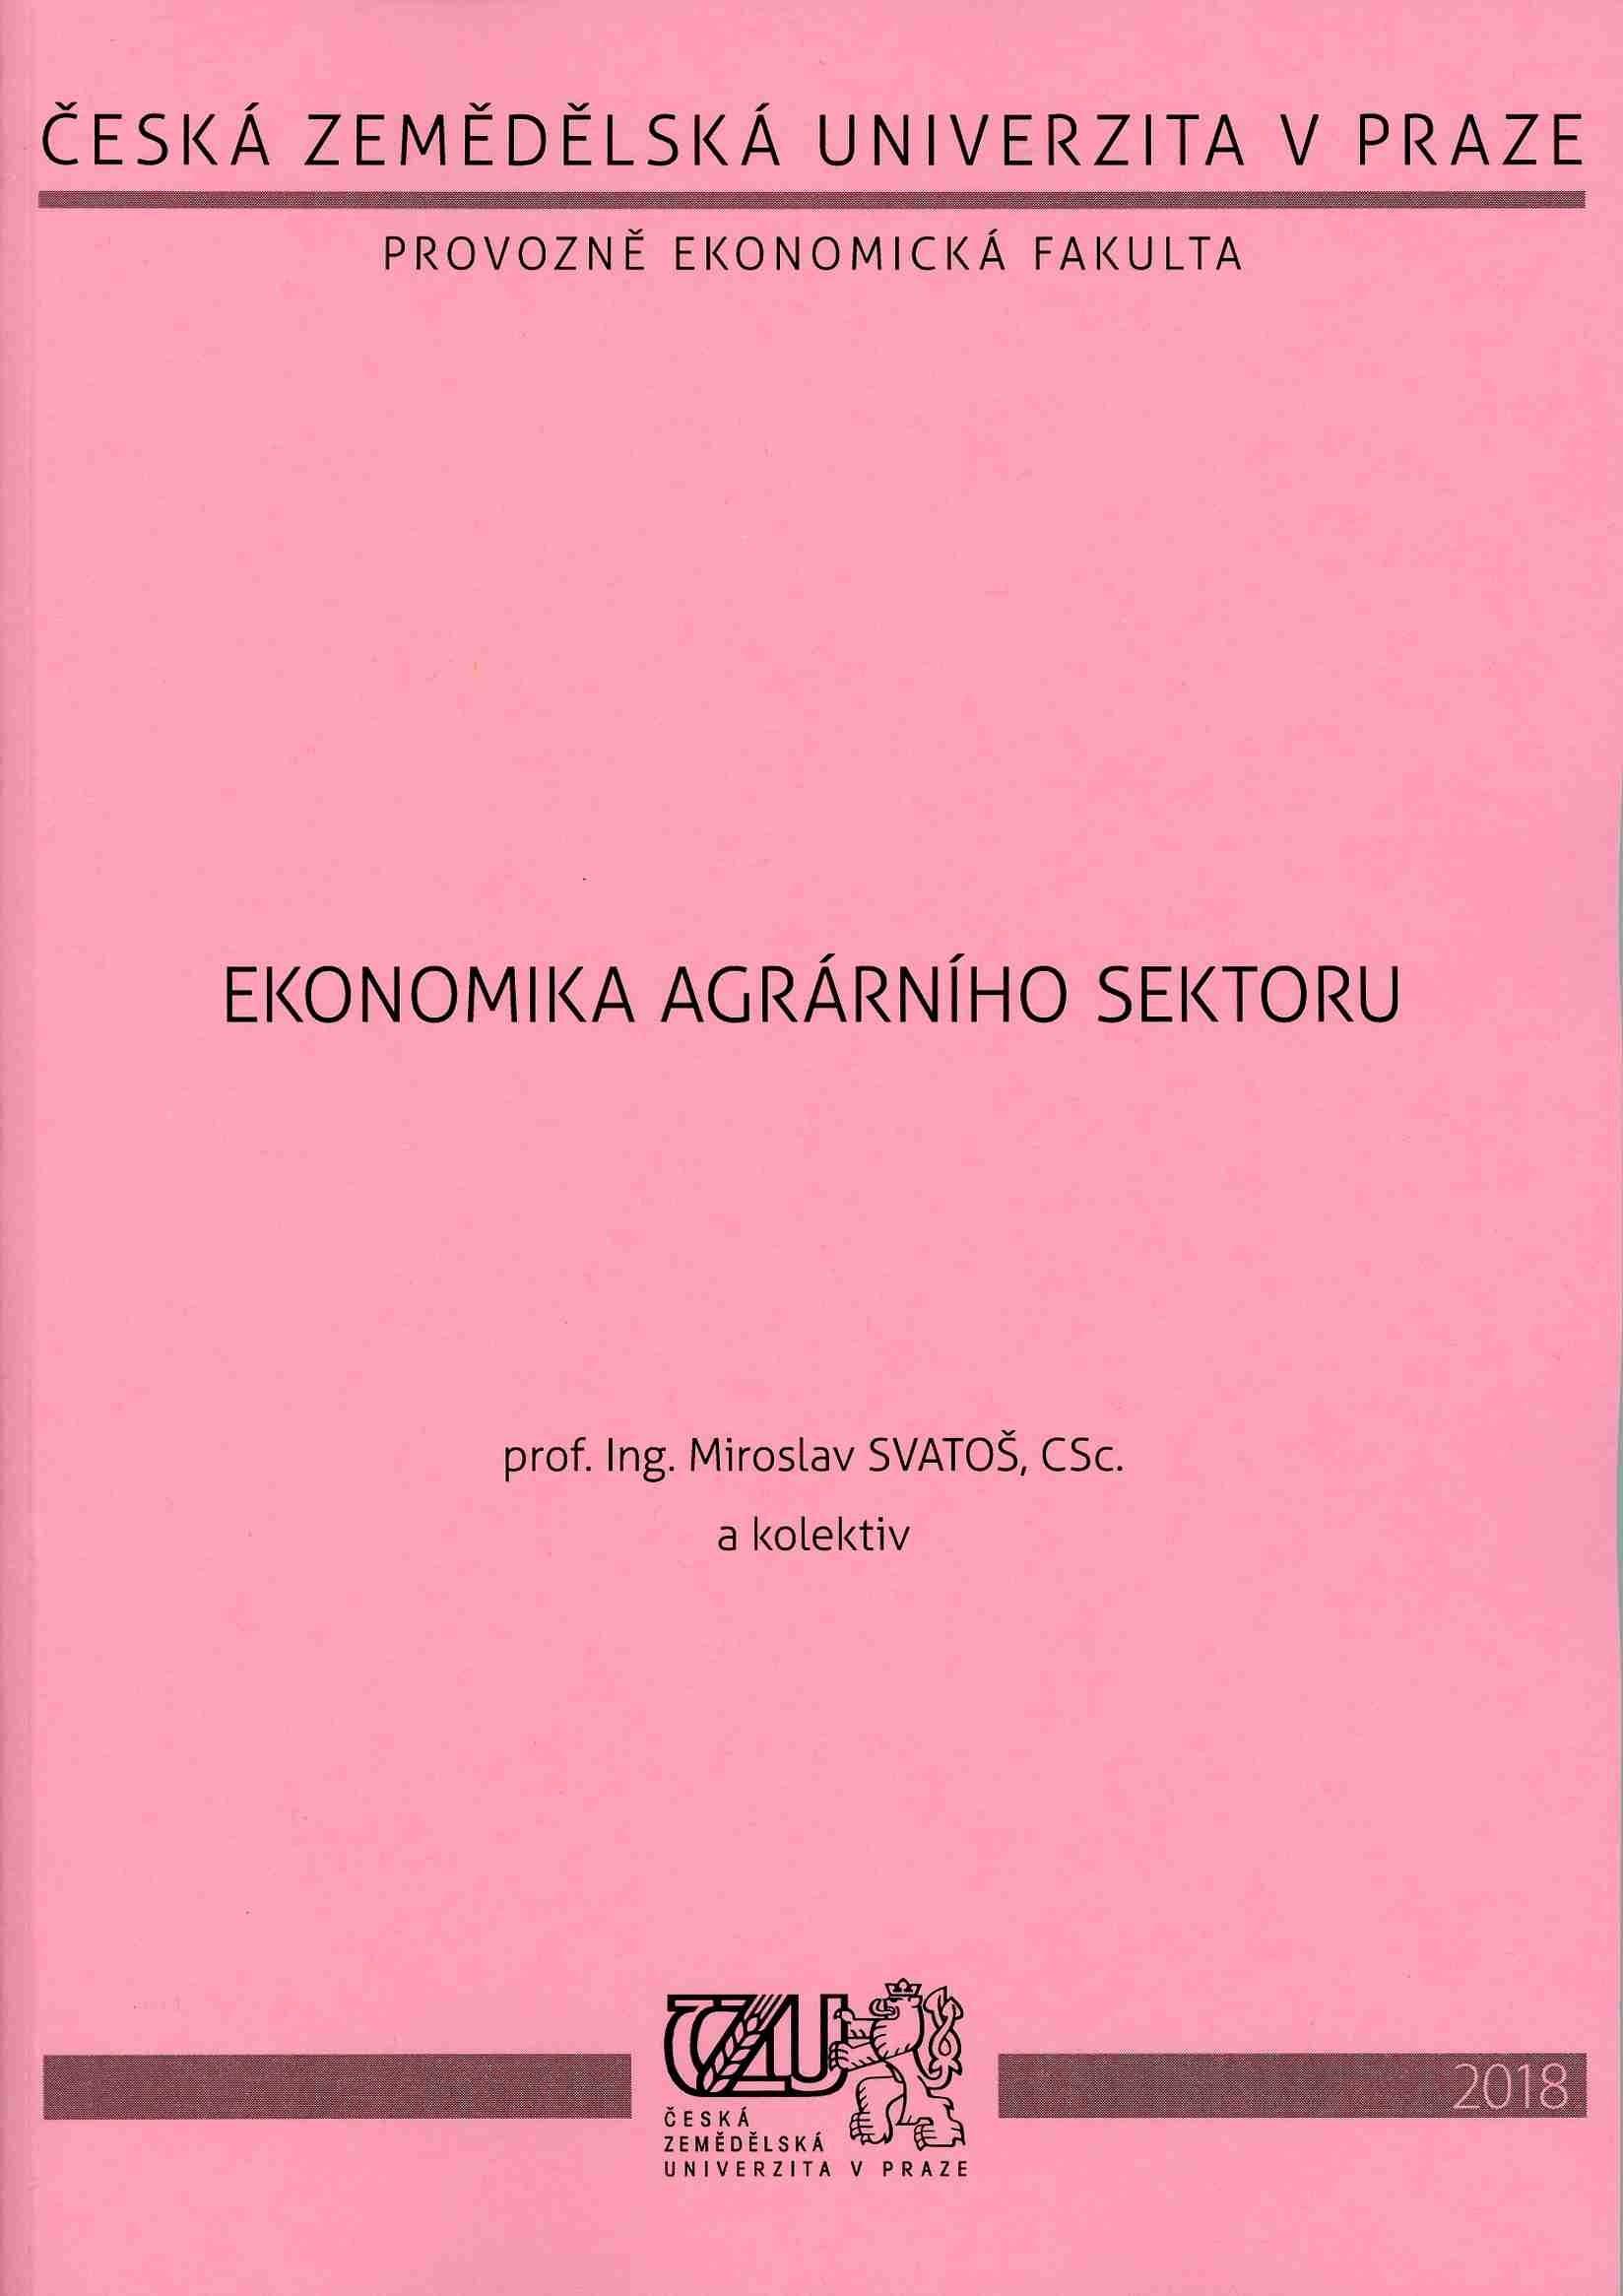 Ekonomika agrárního sektoru (vybraná témata)